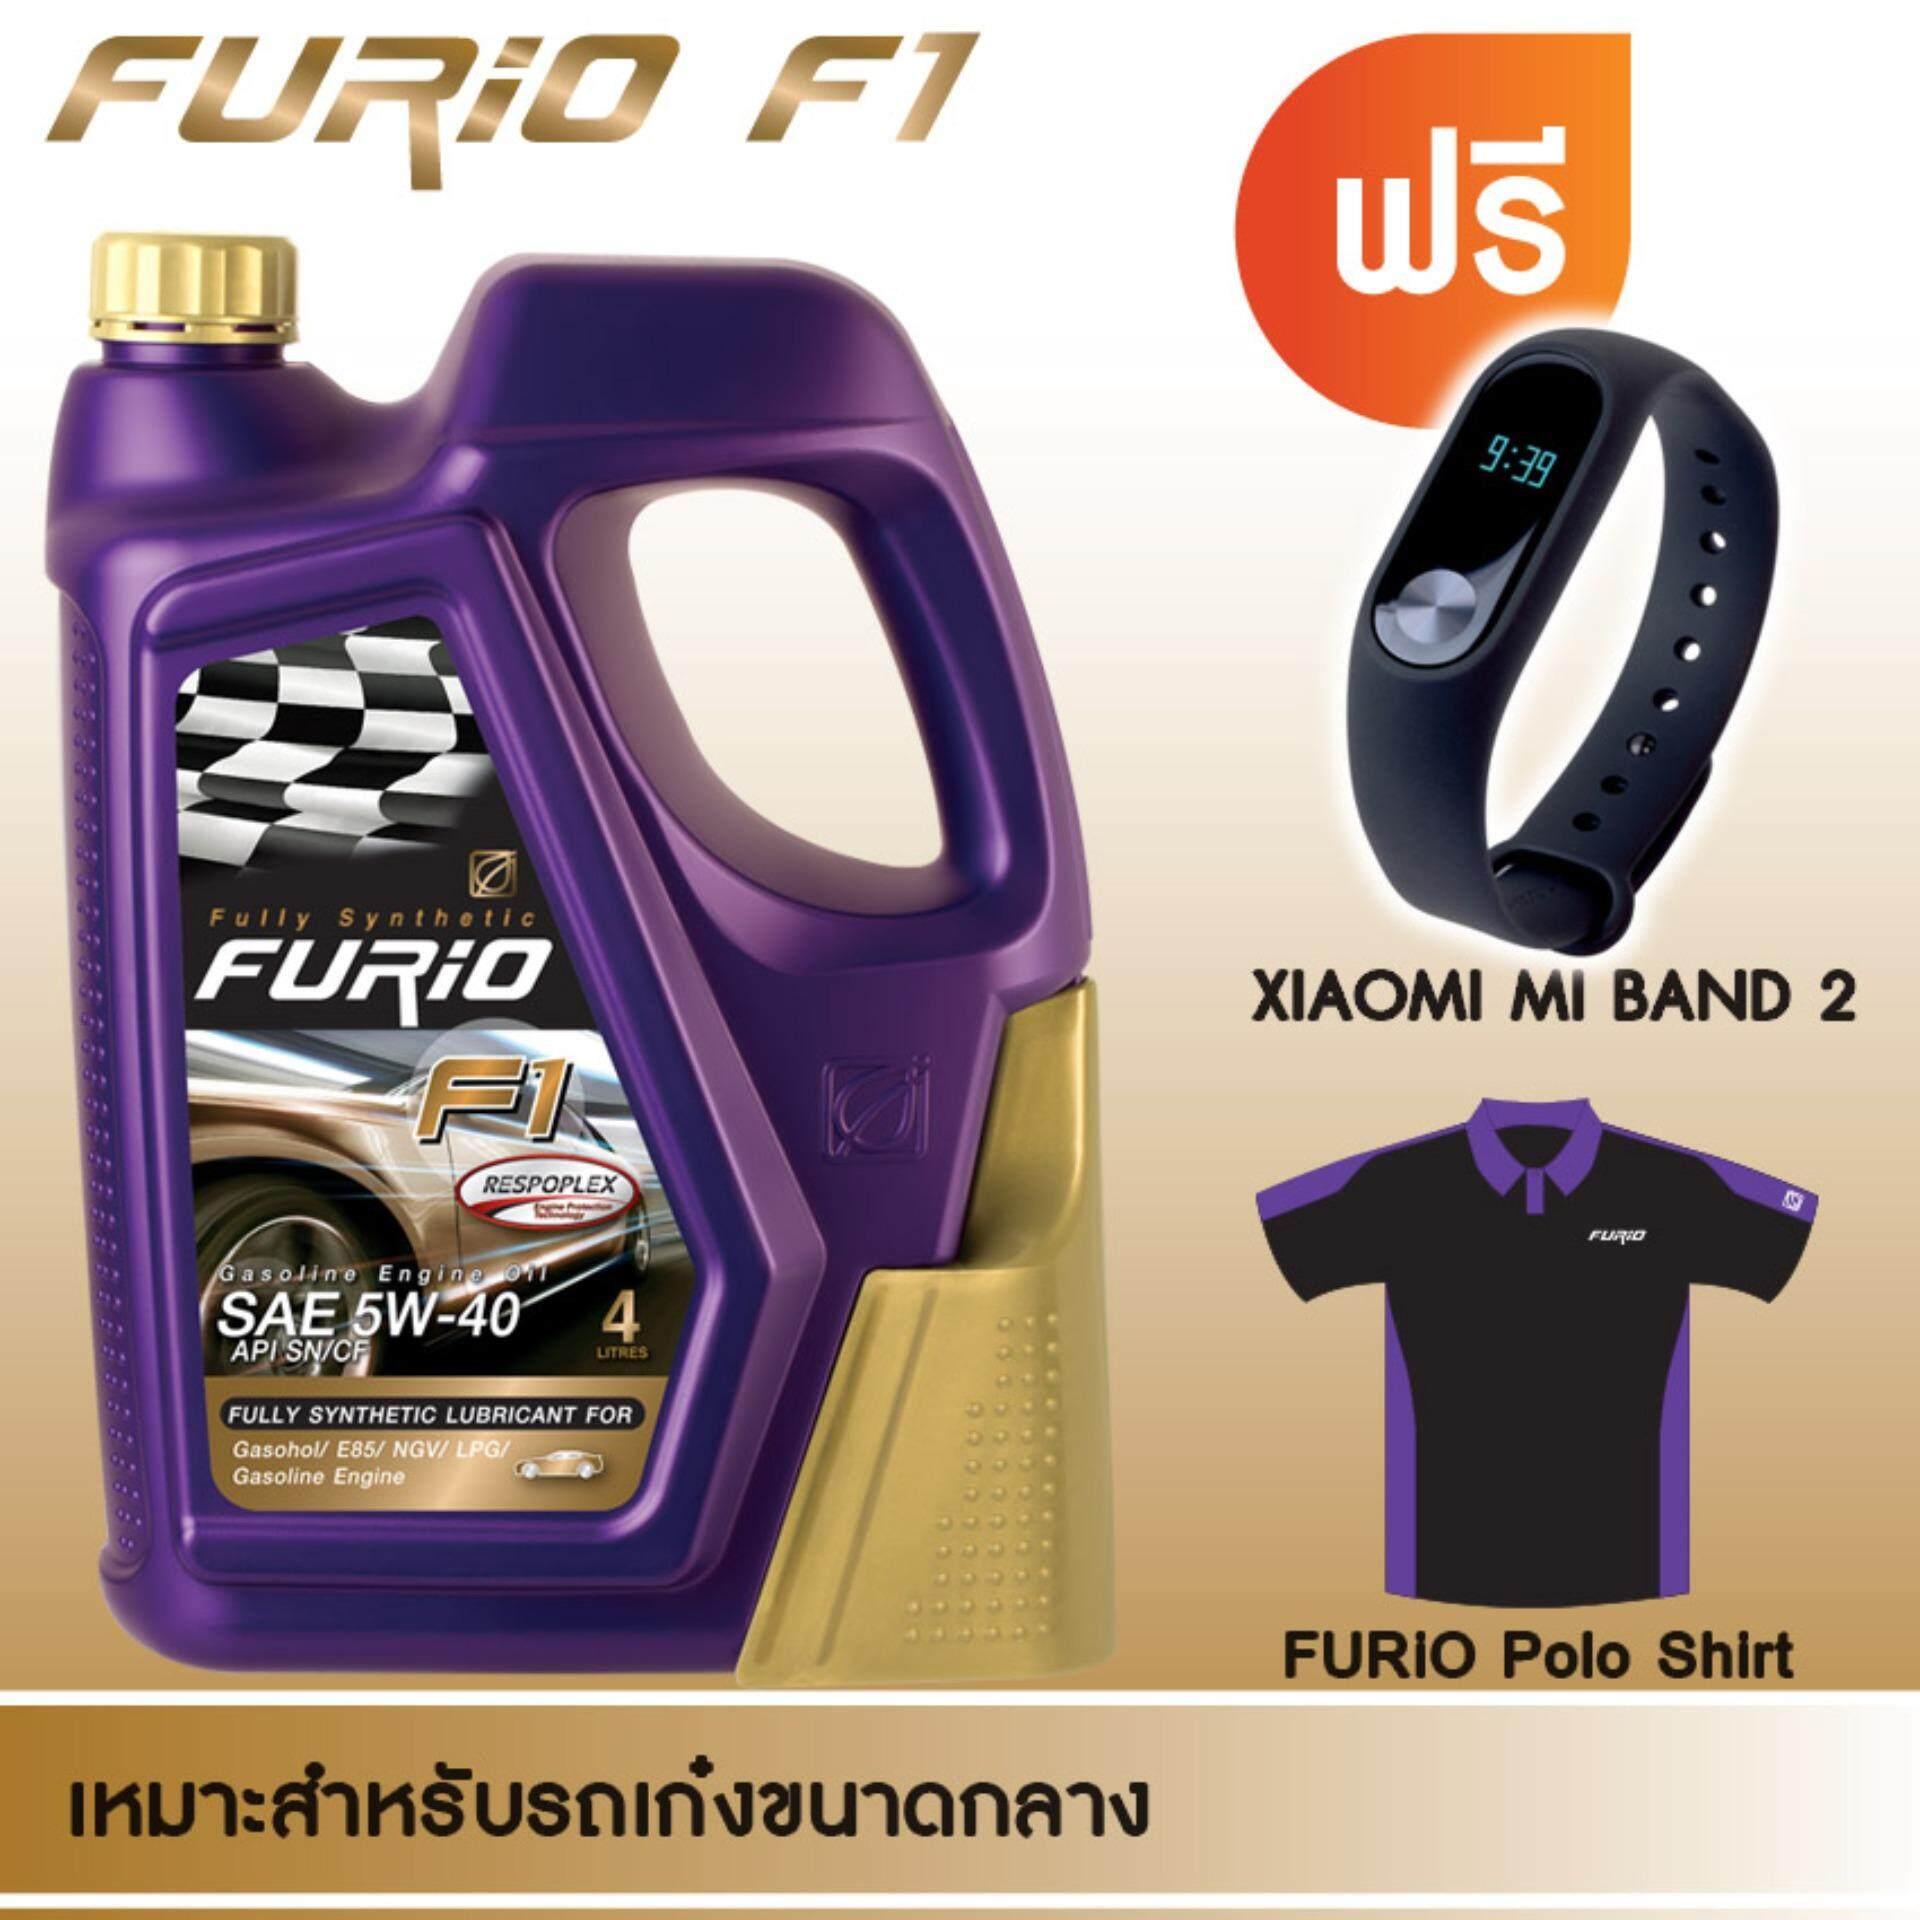 ขาย ซื้อ ออนไลน์ Furio F1 น้ำมันเครื่องสังเคราะห์แท้เกรดพรีเมี่ยม 5W 40 ขนาด 4 ลิตร แถมฟรี Xiaomi Band Mi 2 มูลค่า 1 500 บาท